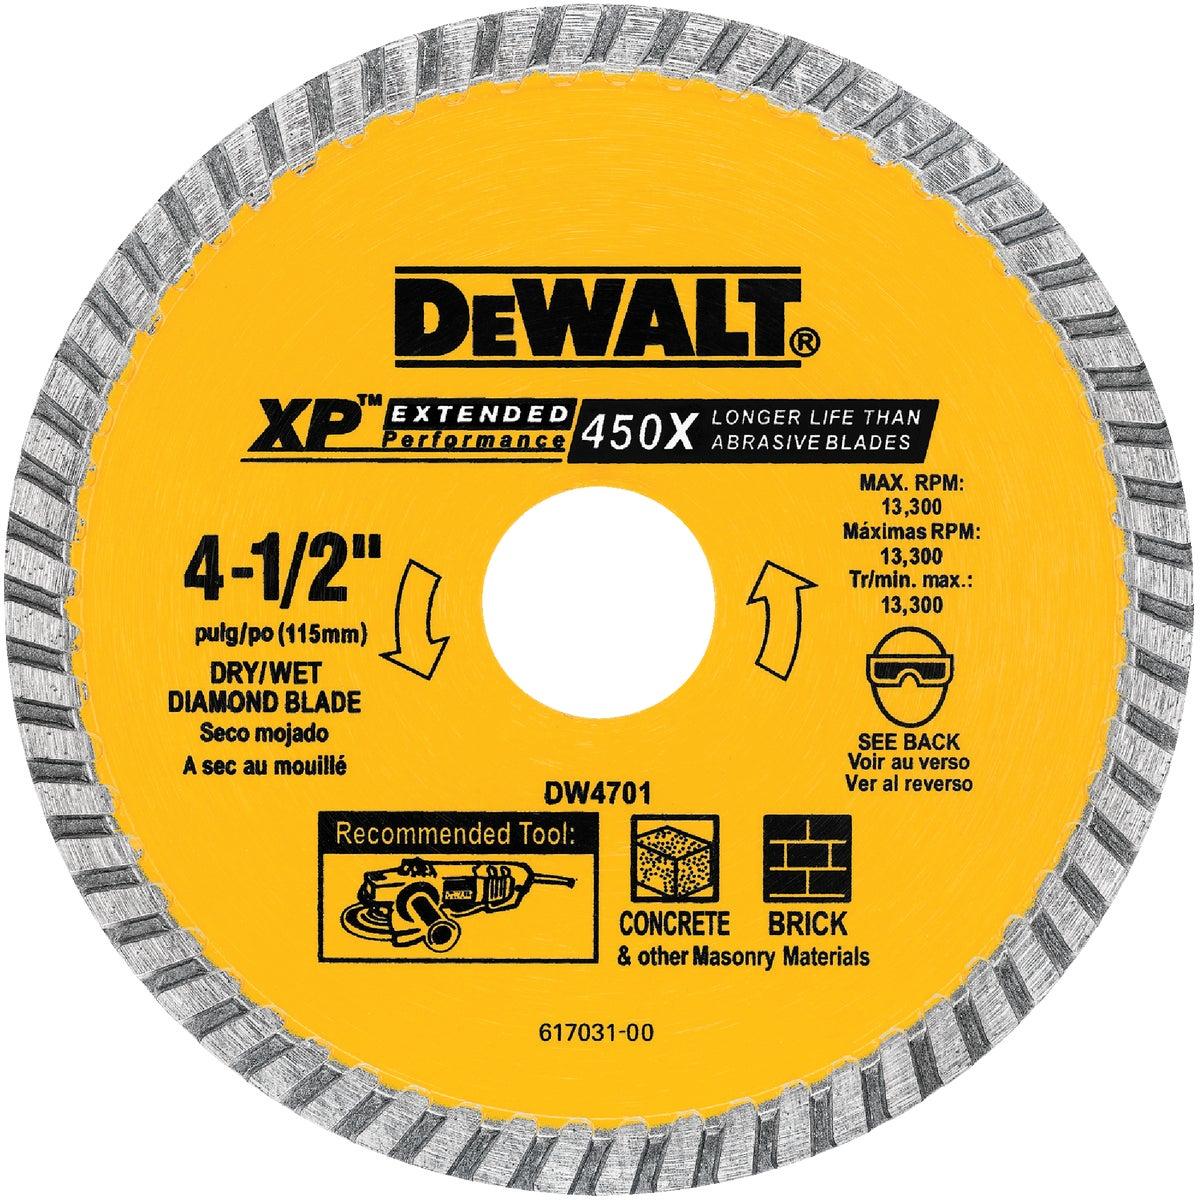 4-1/2 DRY CUT DIAM WHEEL - DW4701 by DeWalt